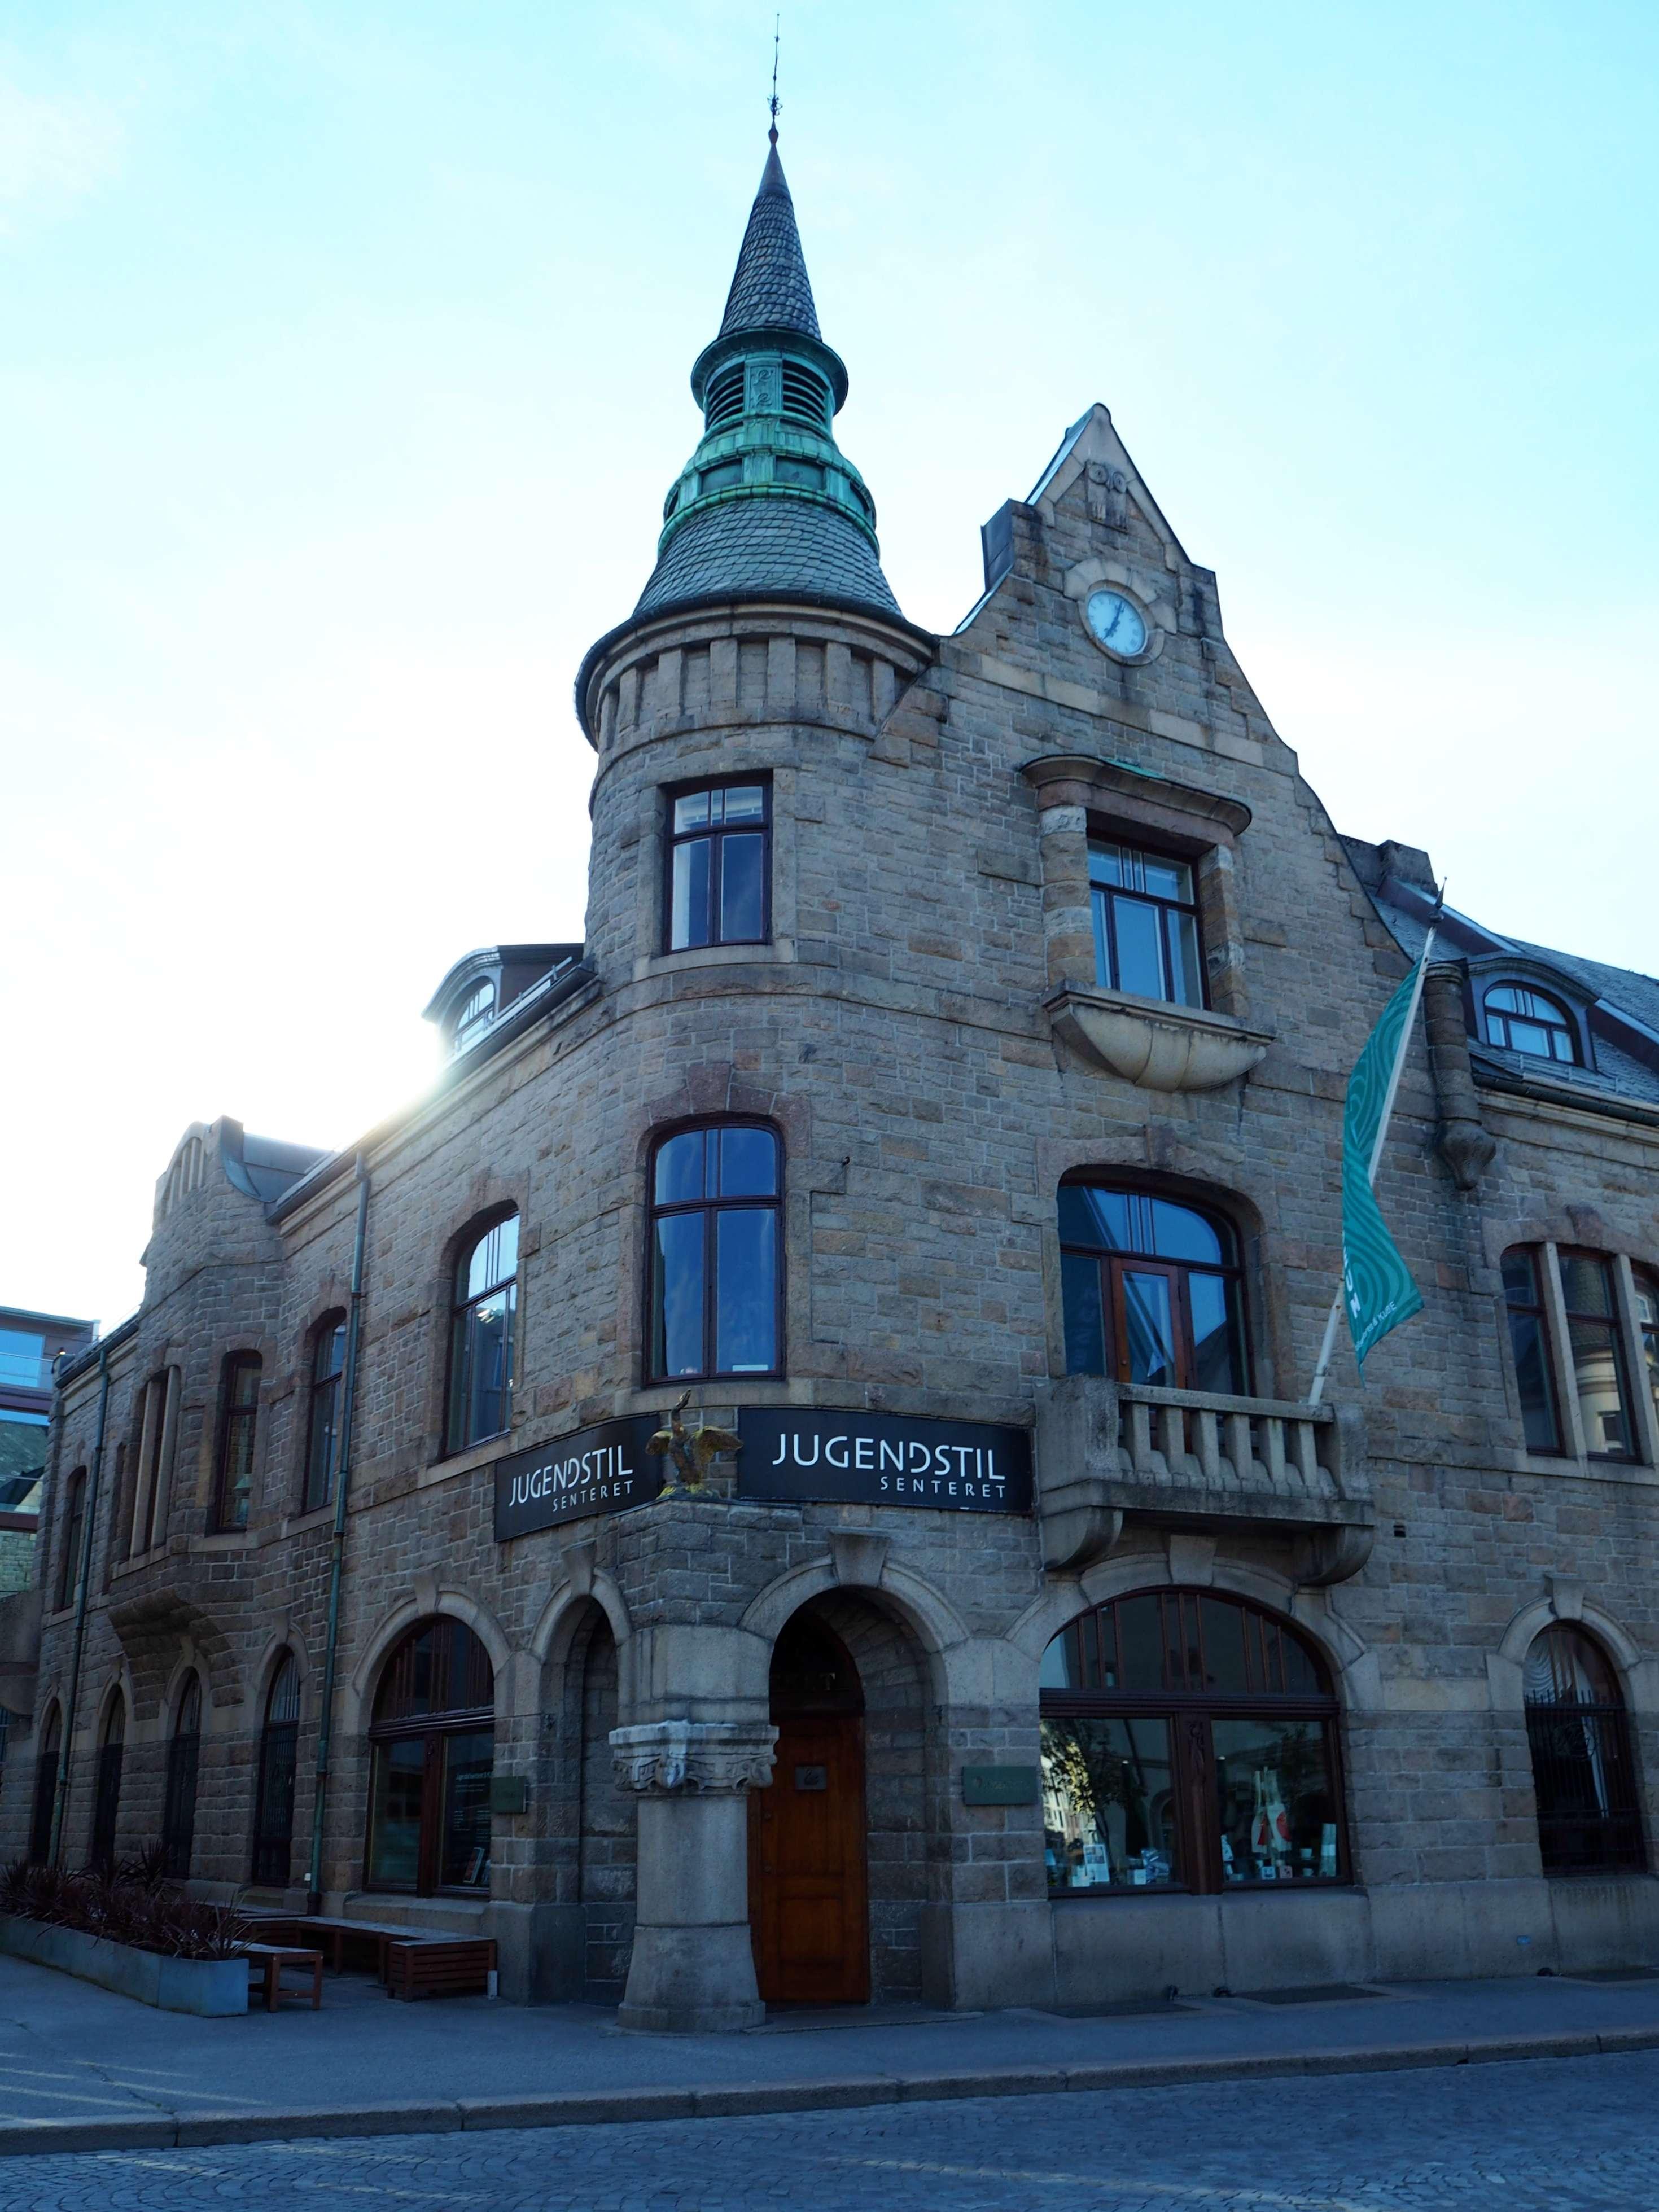 Jugendstilsenteret